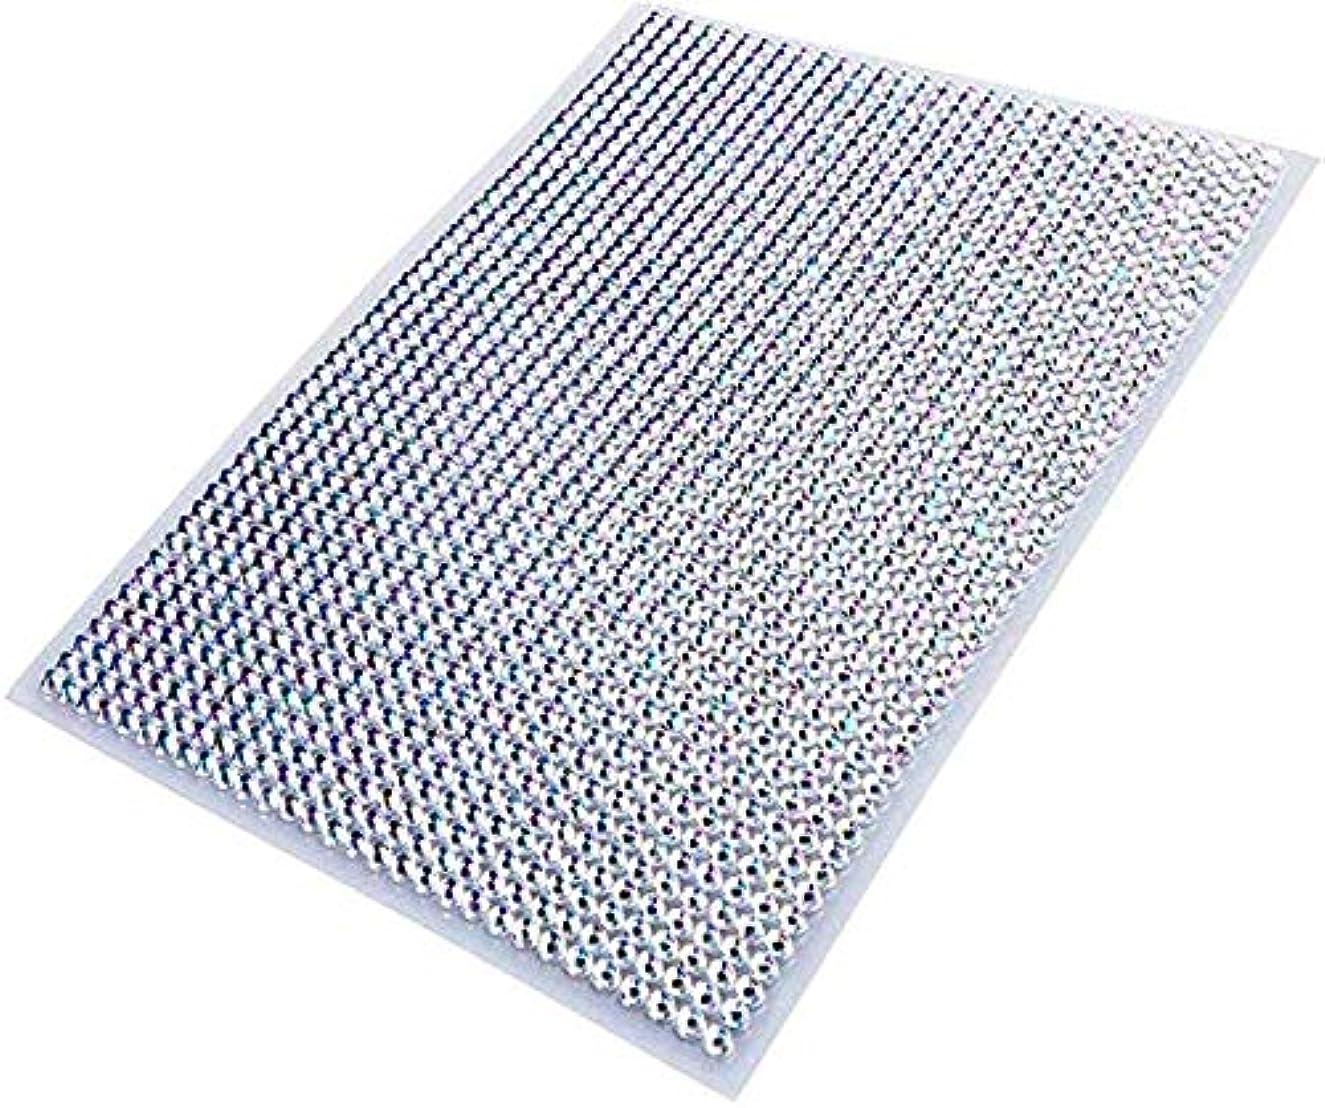 せせらぎハム静かにLOKIPA ラインストーン シール ネイル用 5mm 1500粒入り 白色 ダイアモンド デコレーション 輝き 人工ダイヤモンド 大容量